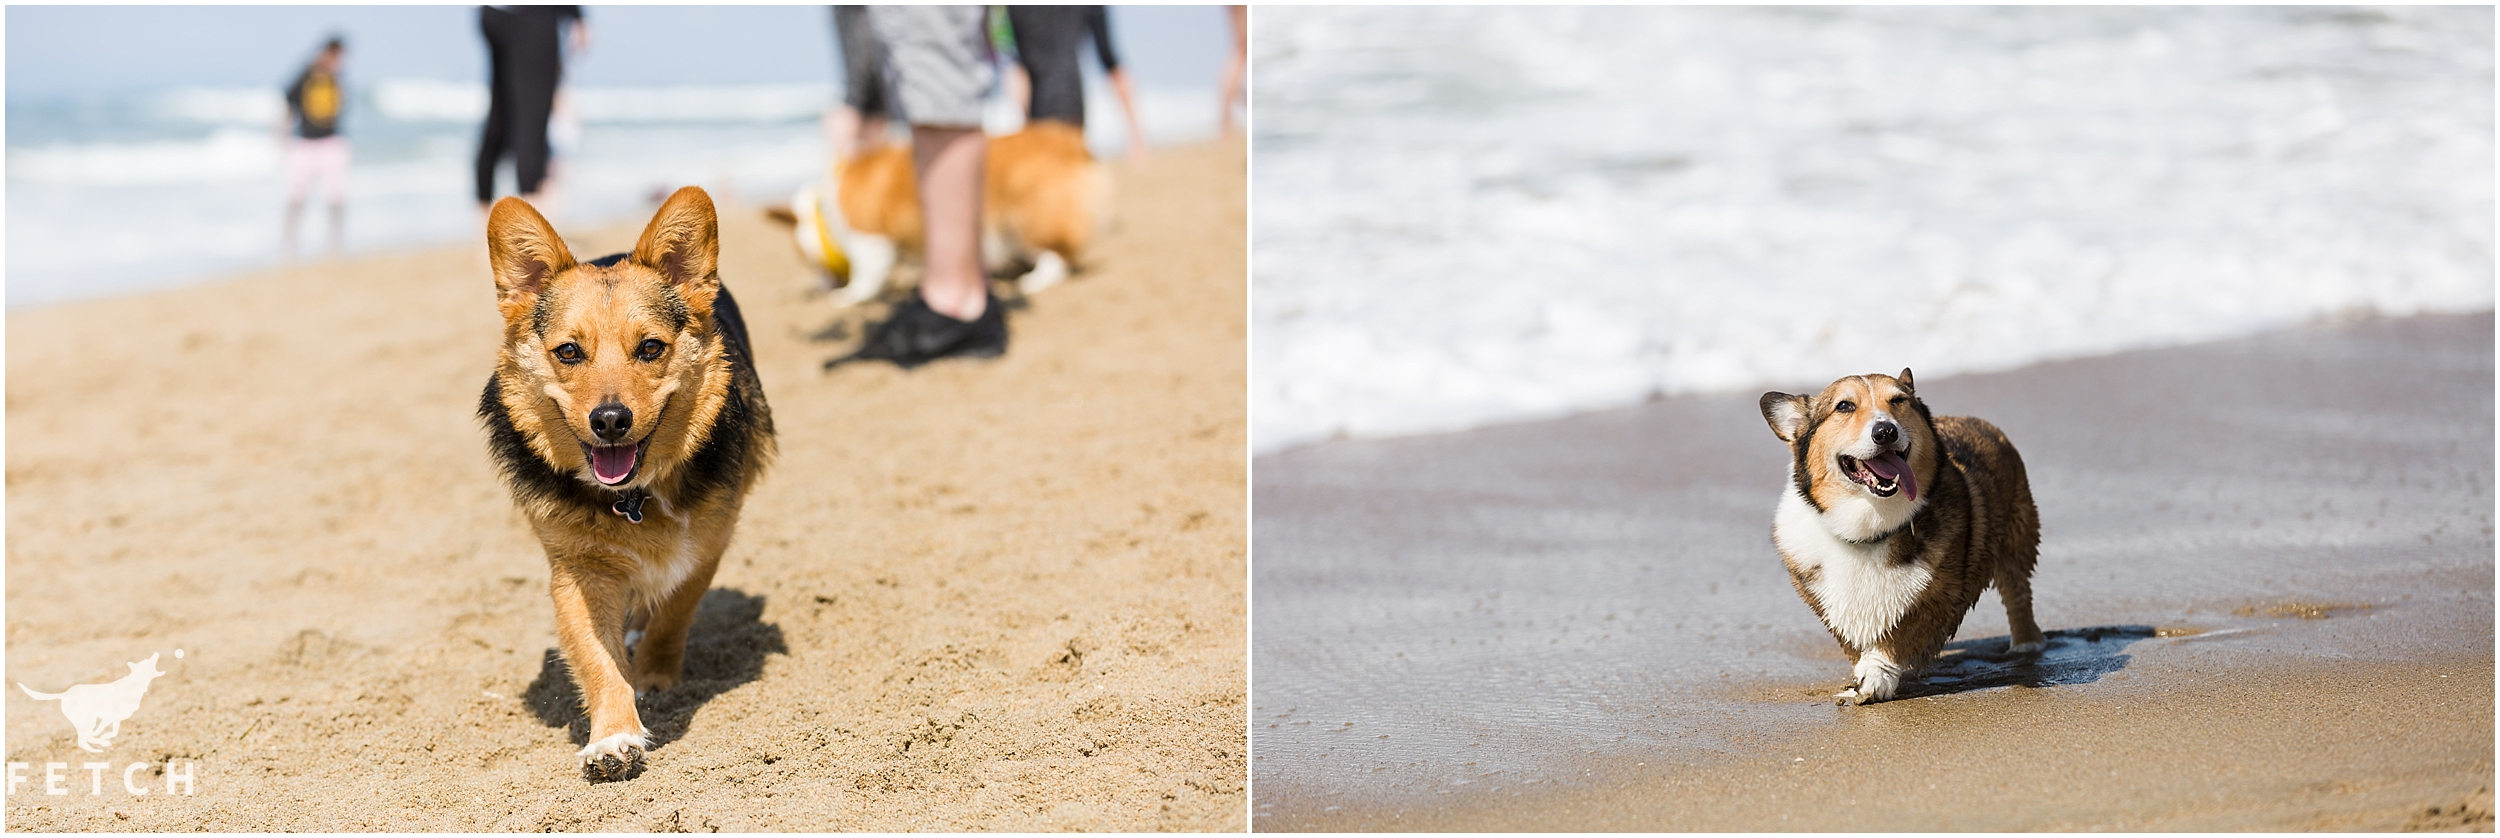 dog-beach-photos